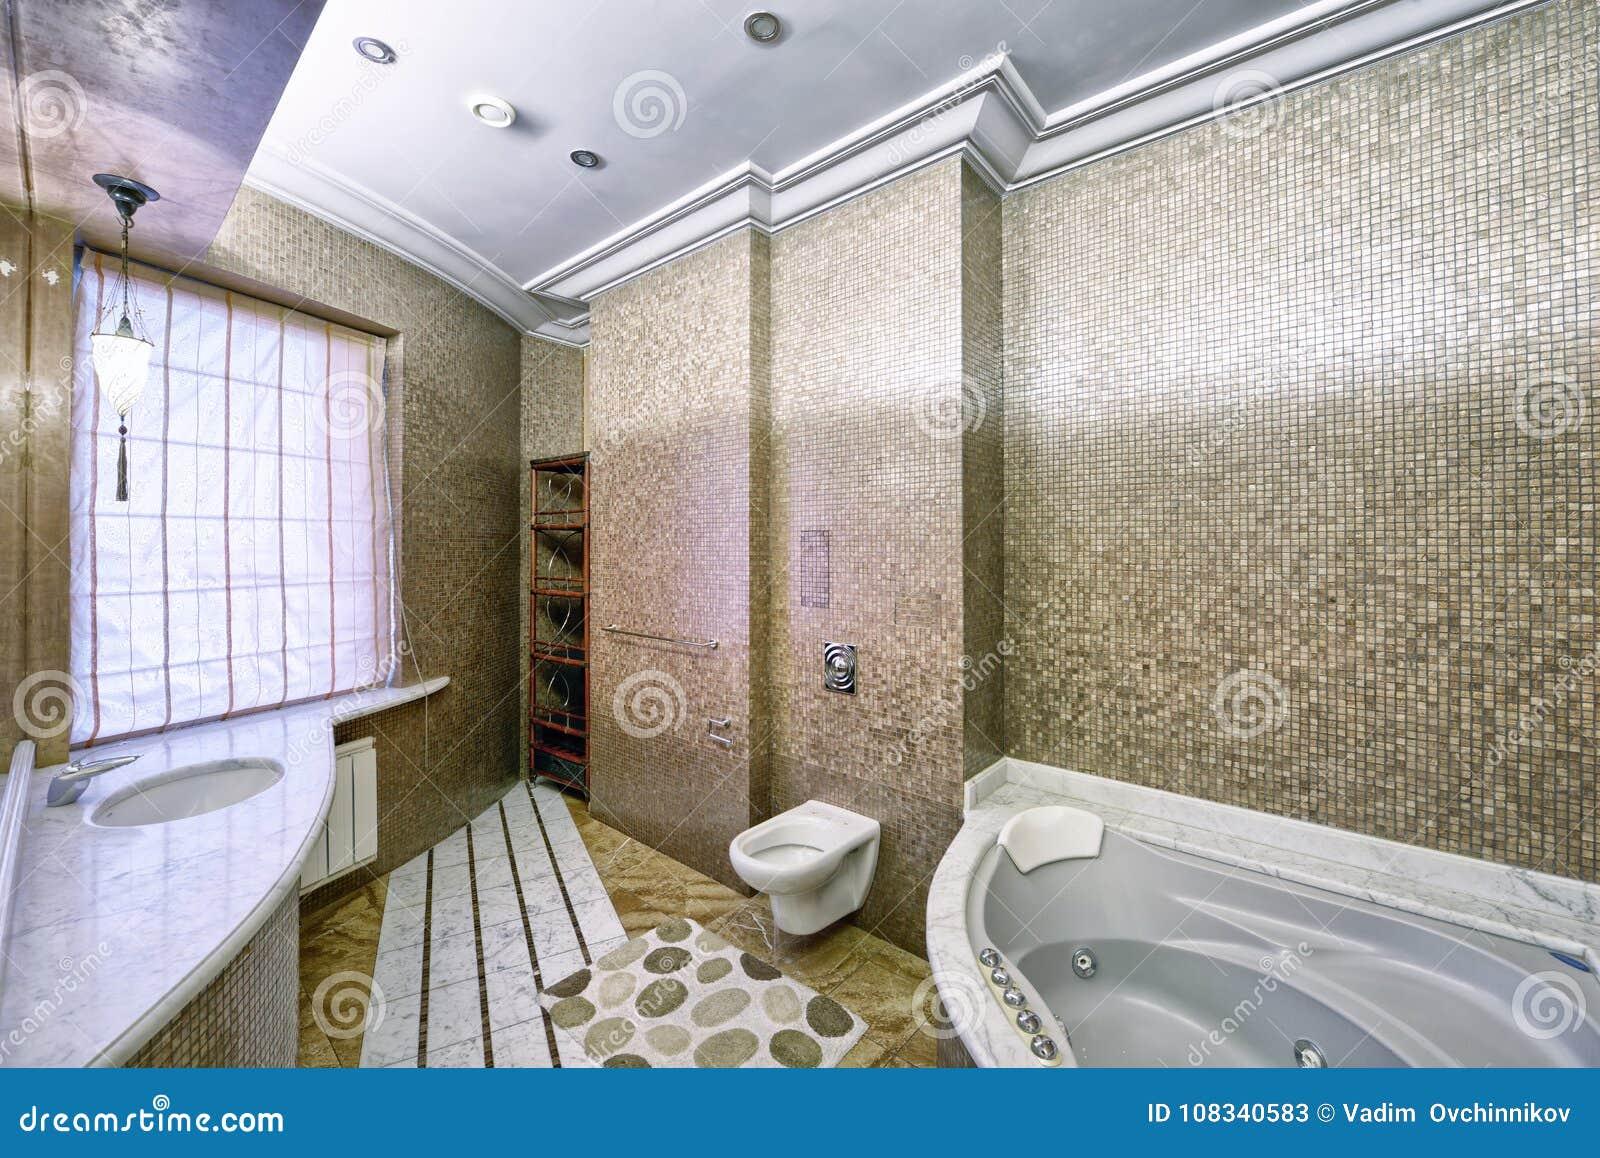 Cuartos De Baño Diseño | Casa Elegante Del Lujo Del Cuarto De Bano Del Diseno De Nterior